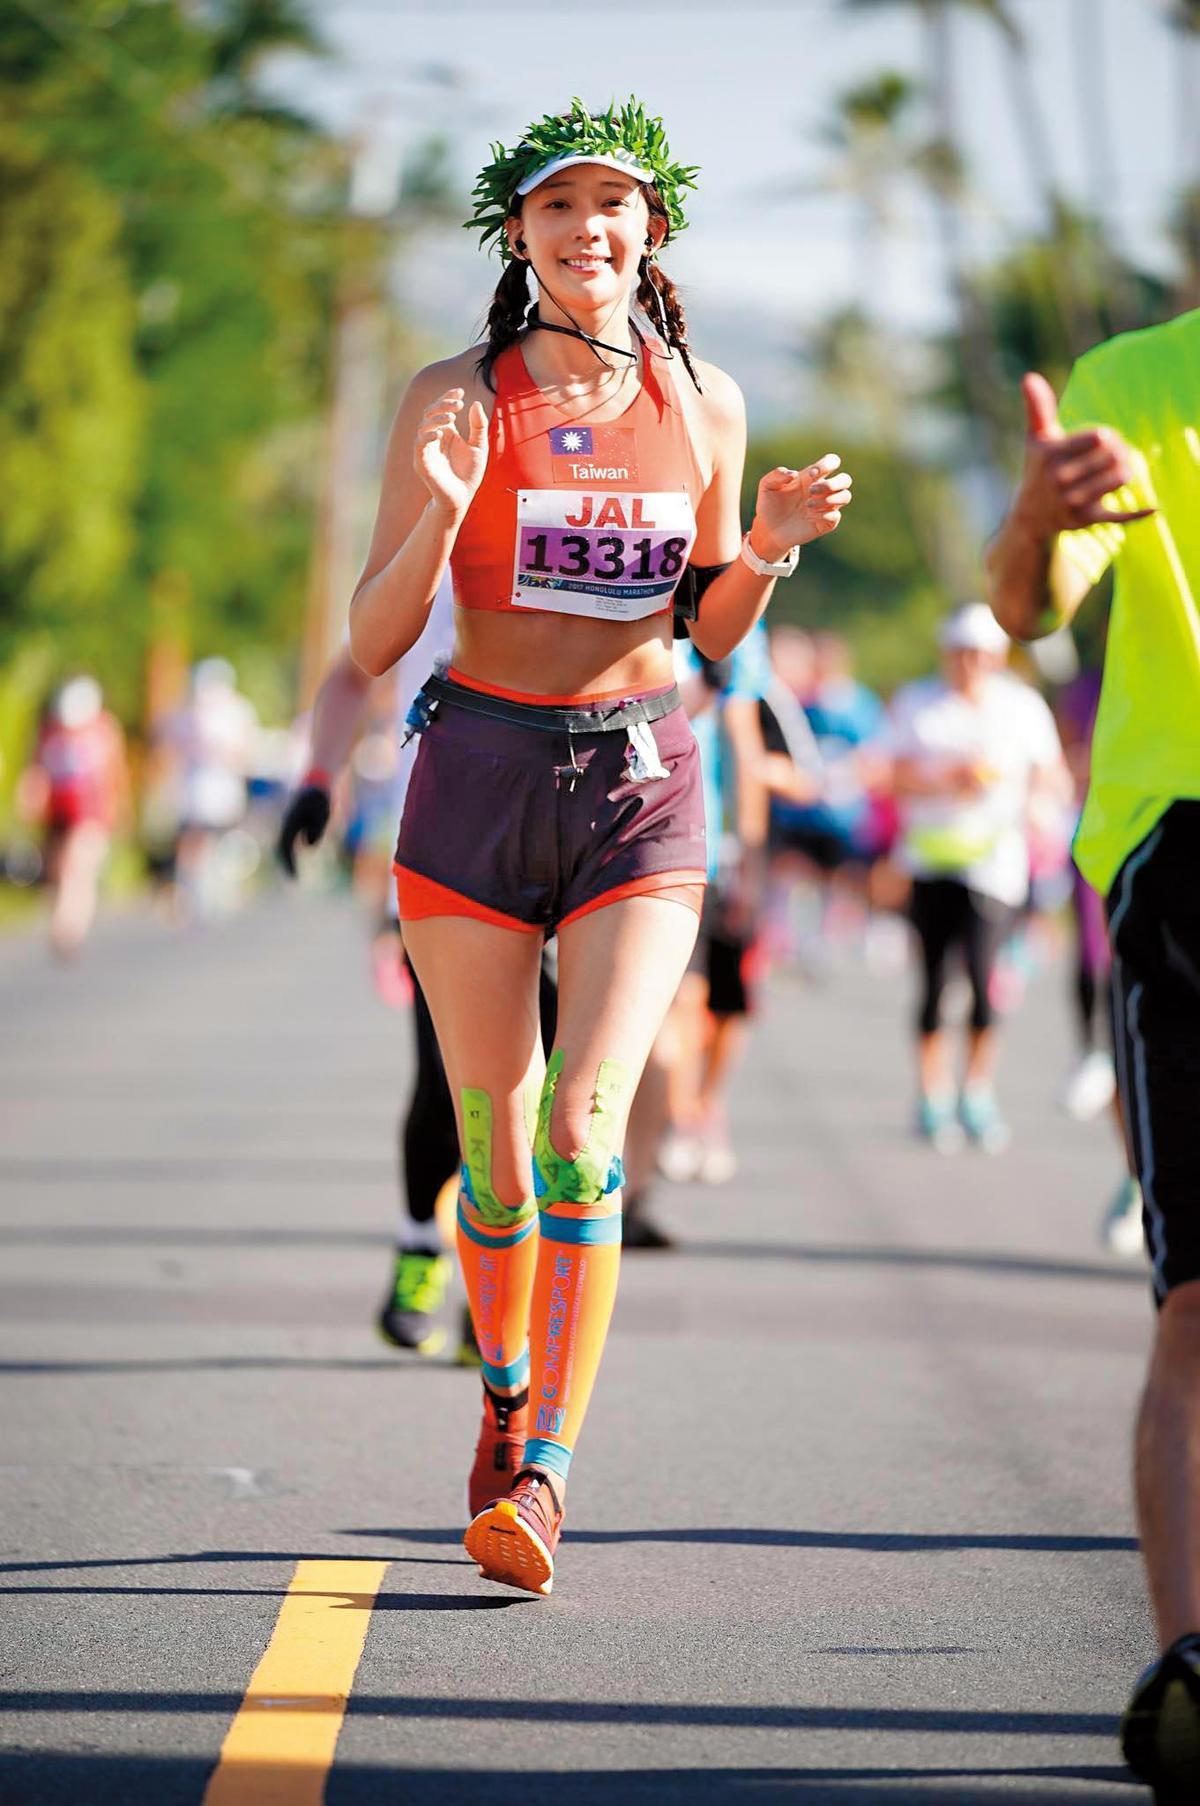 王心恬愛運動練出健美身材,也經常參加各項運動比賽。(翻攝自王心恬臉書 )